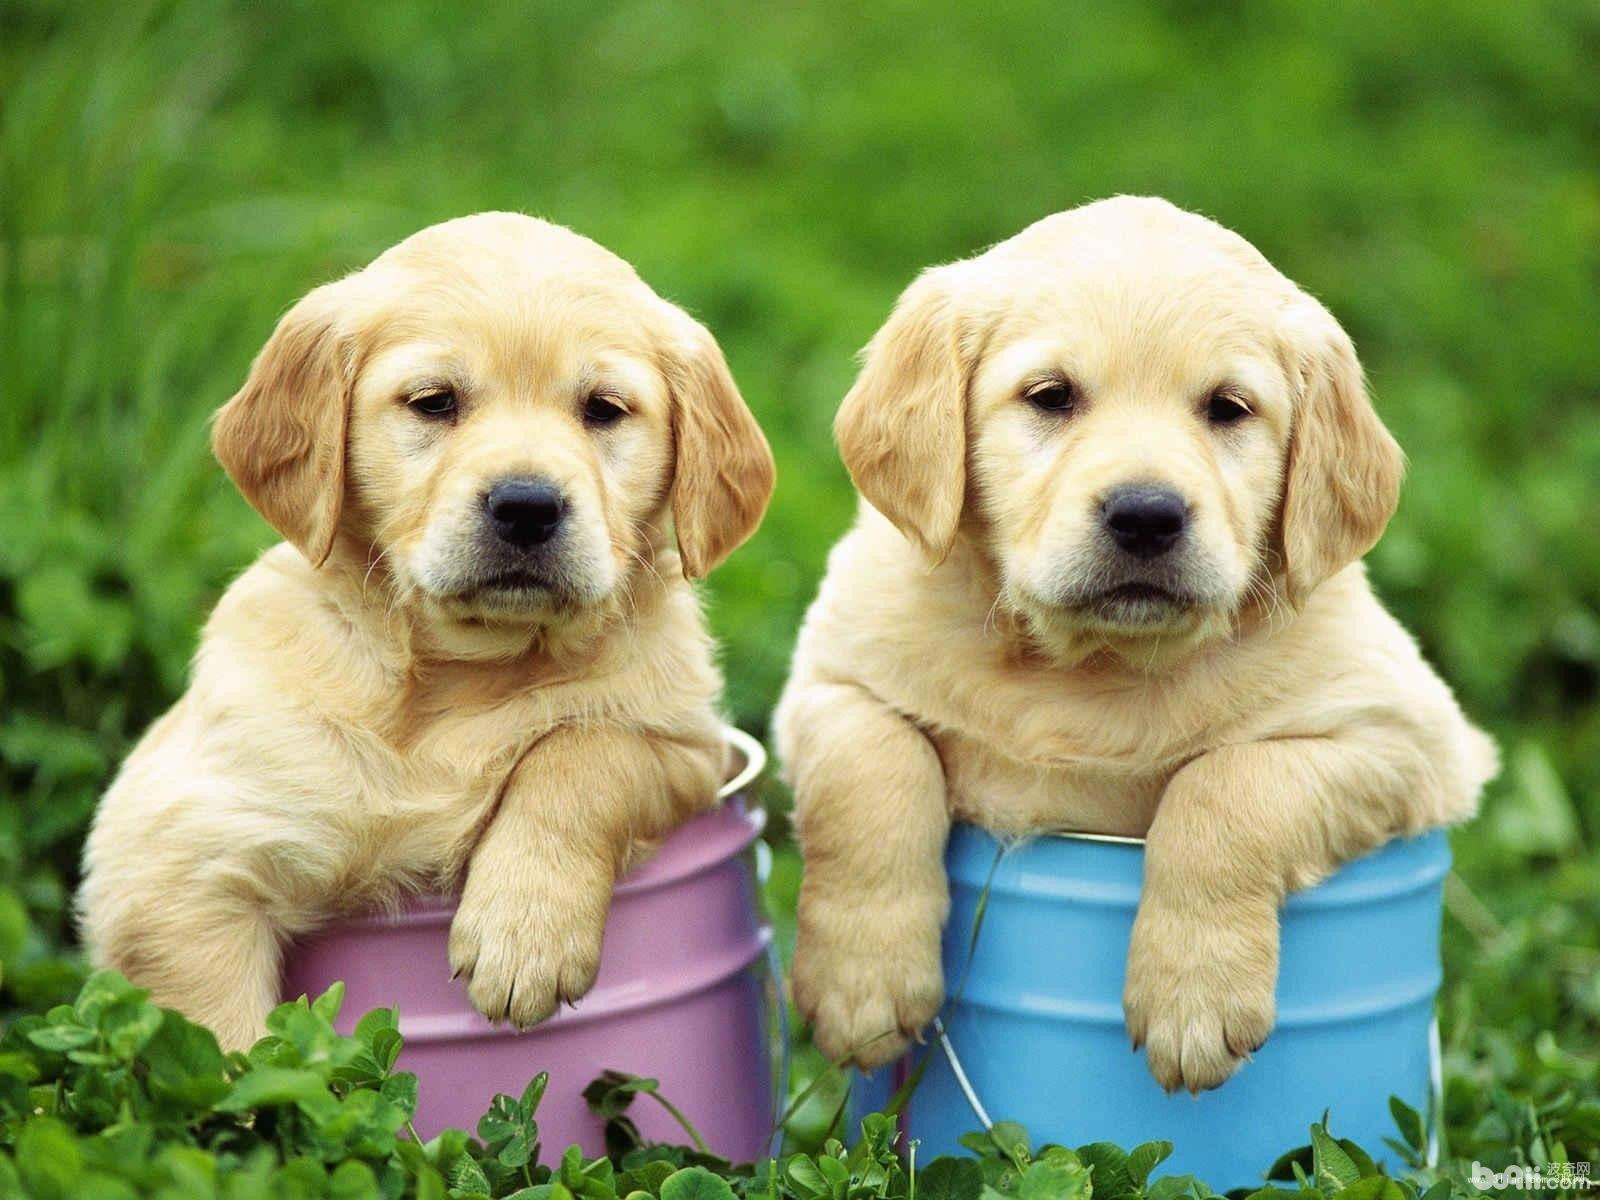 六件会让狗狗伤心的事情,宠物主千万别做